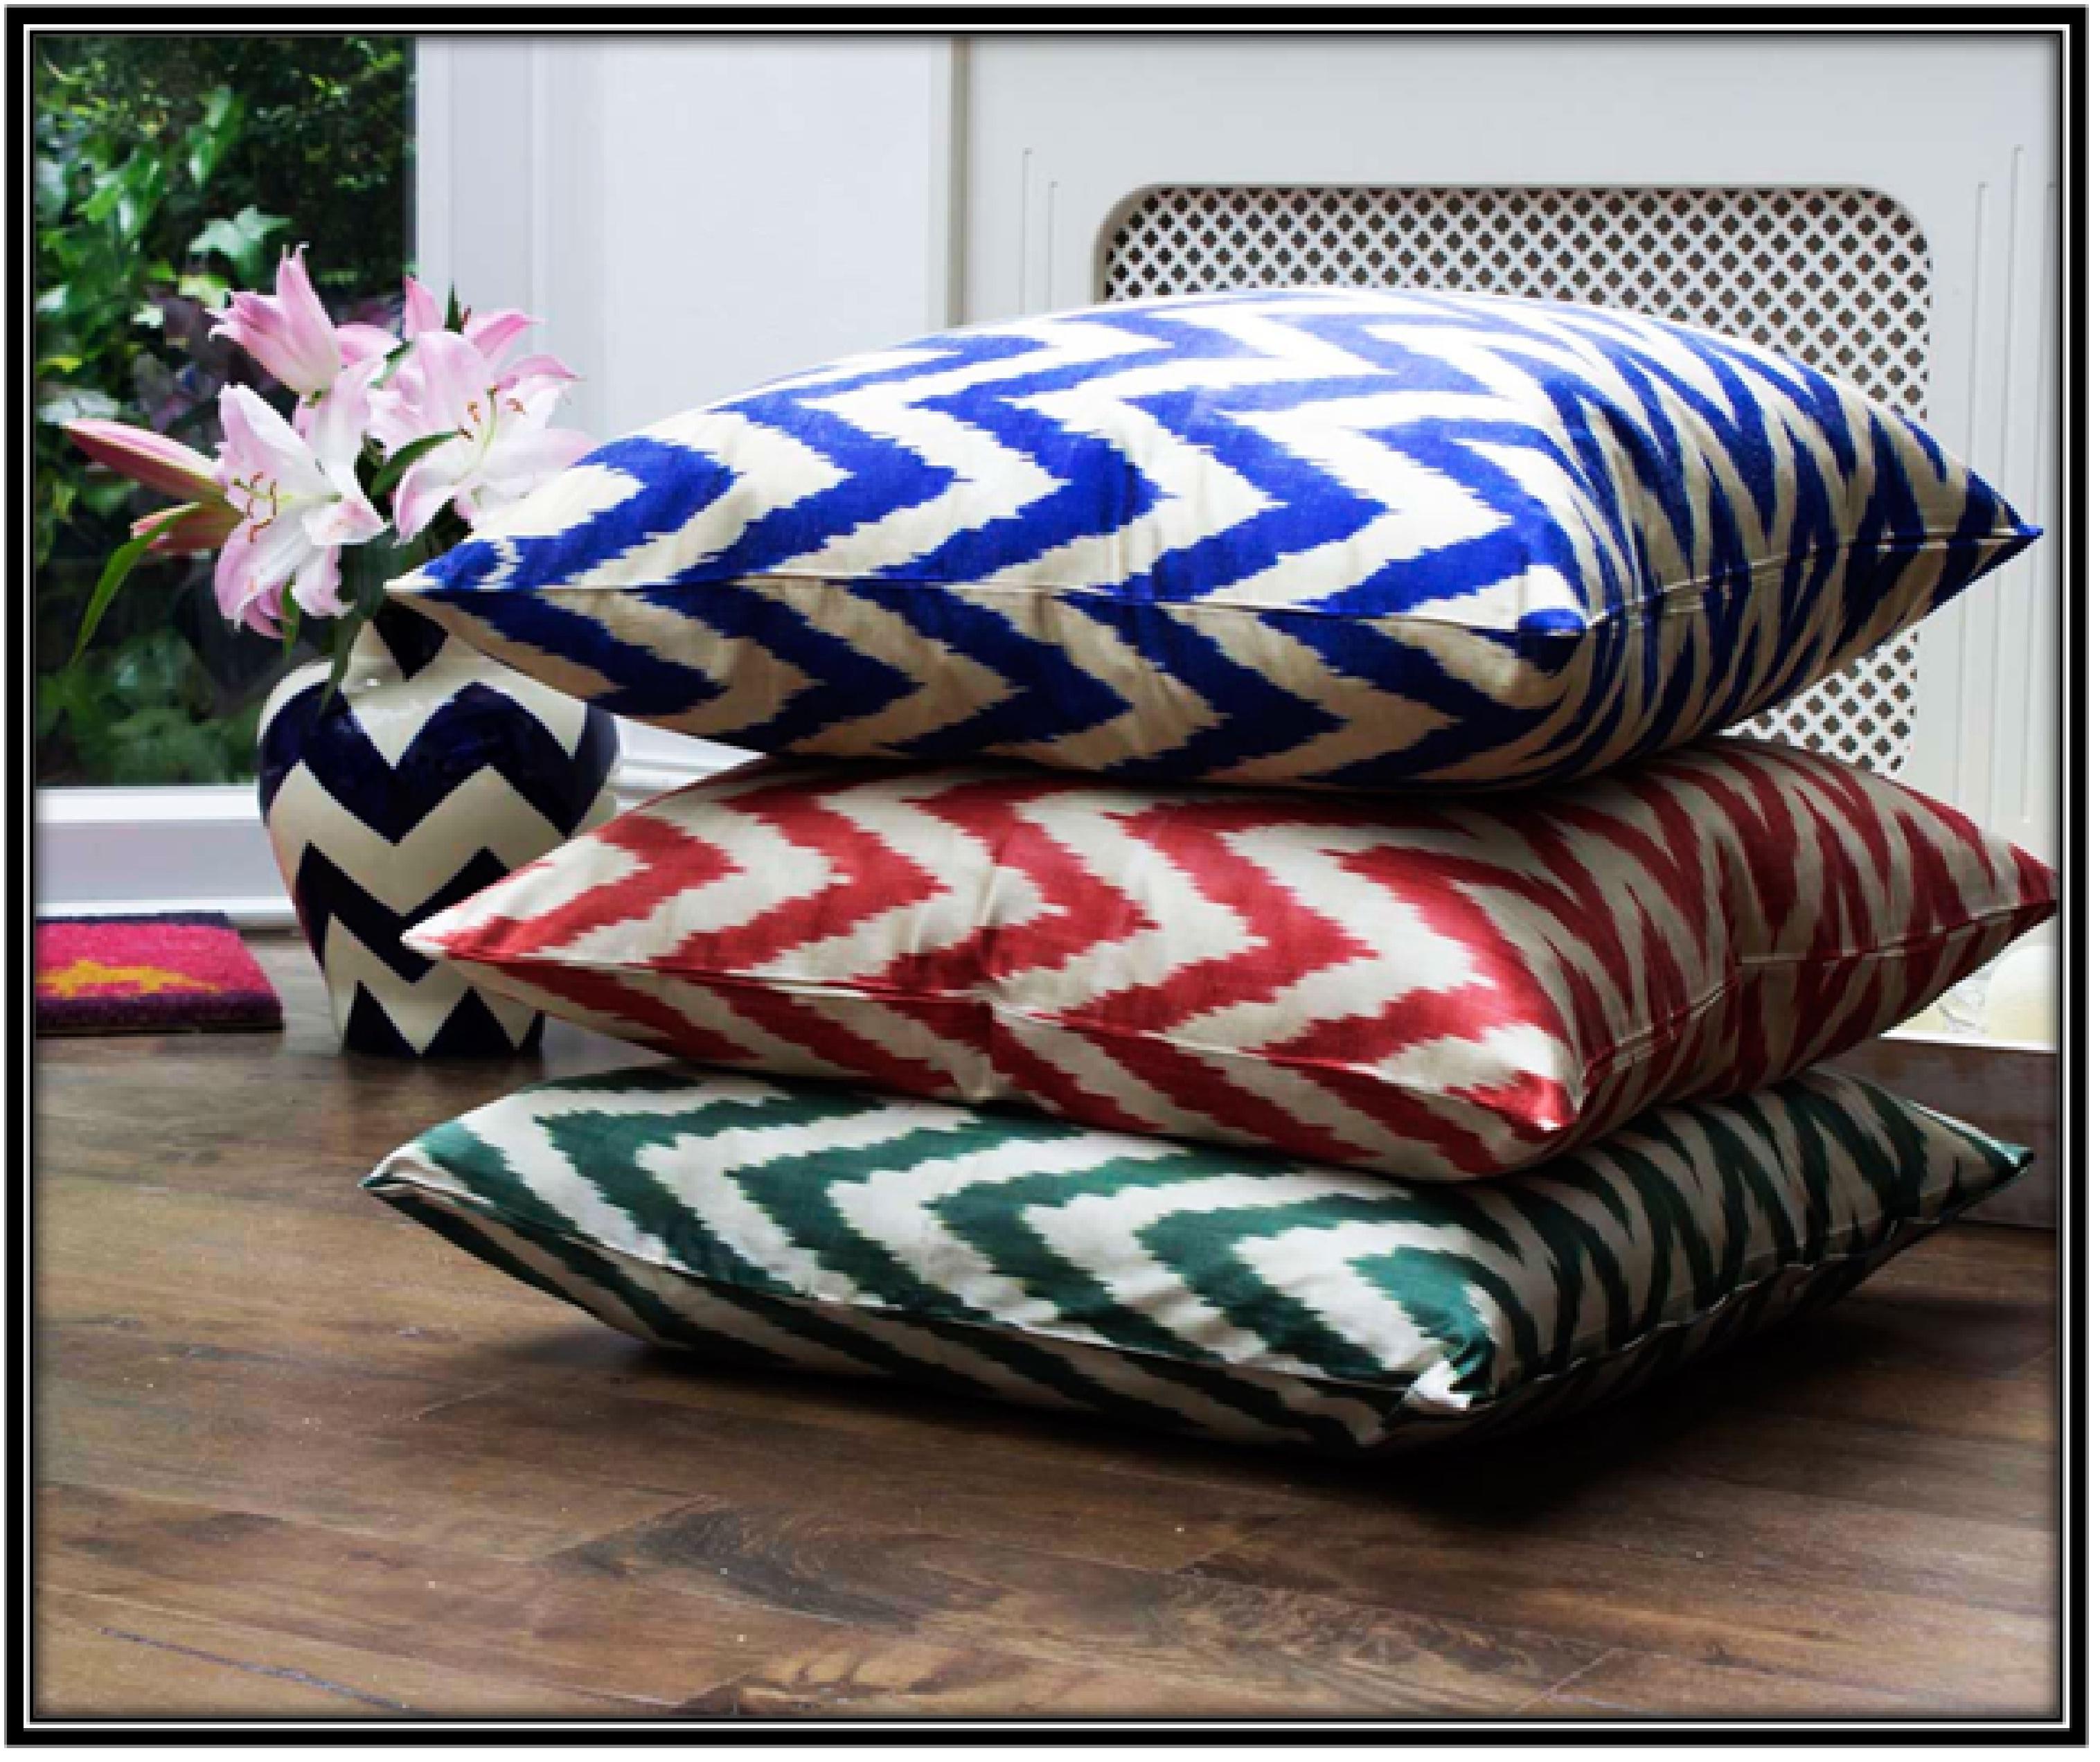 Pillow - Home Decor Ideas